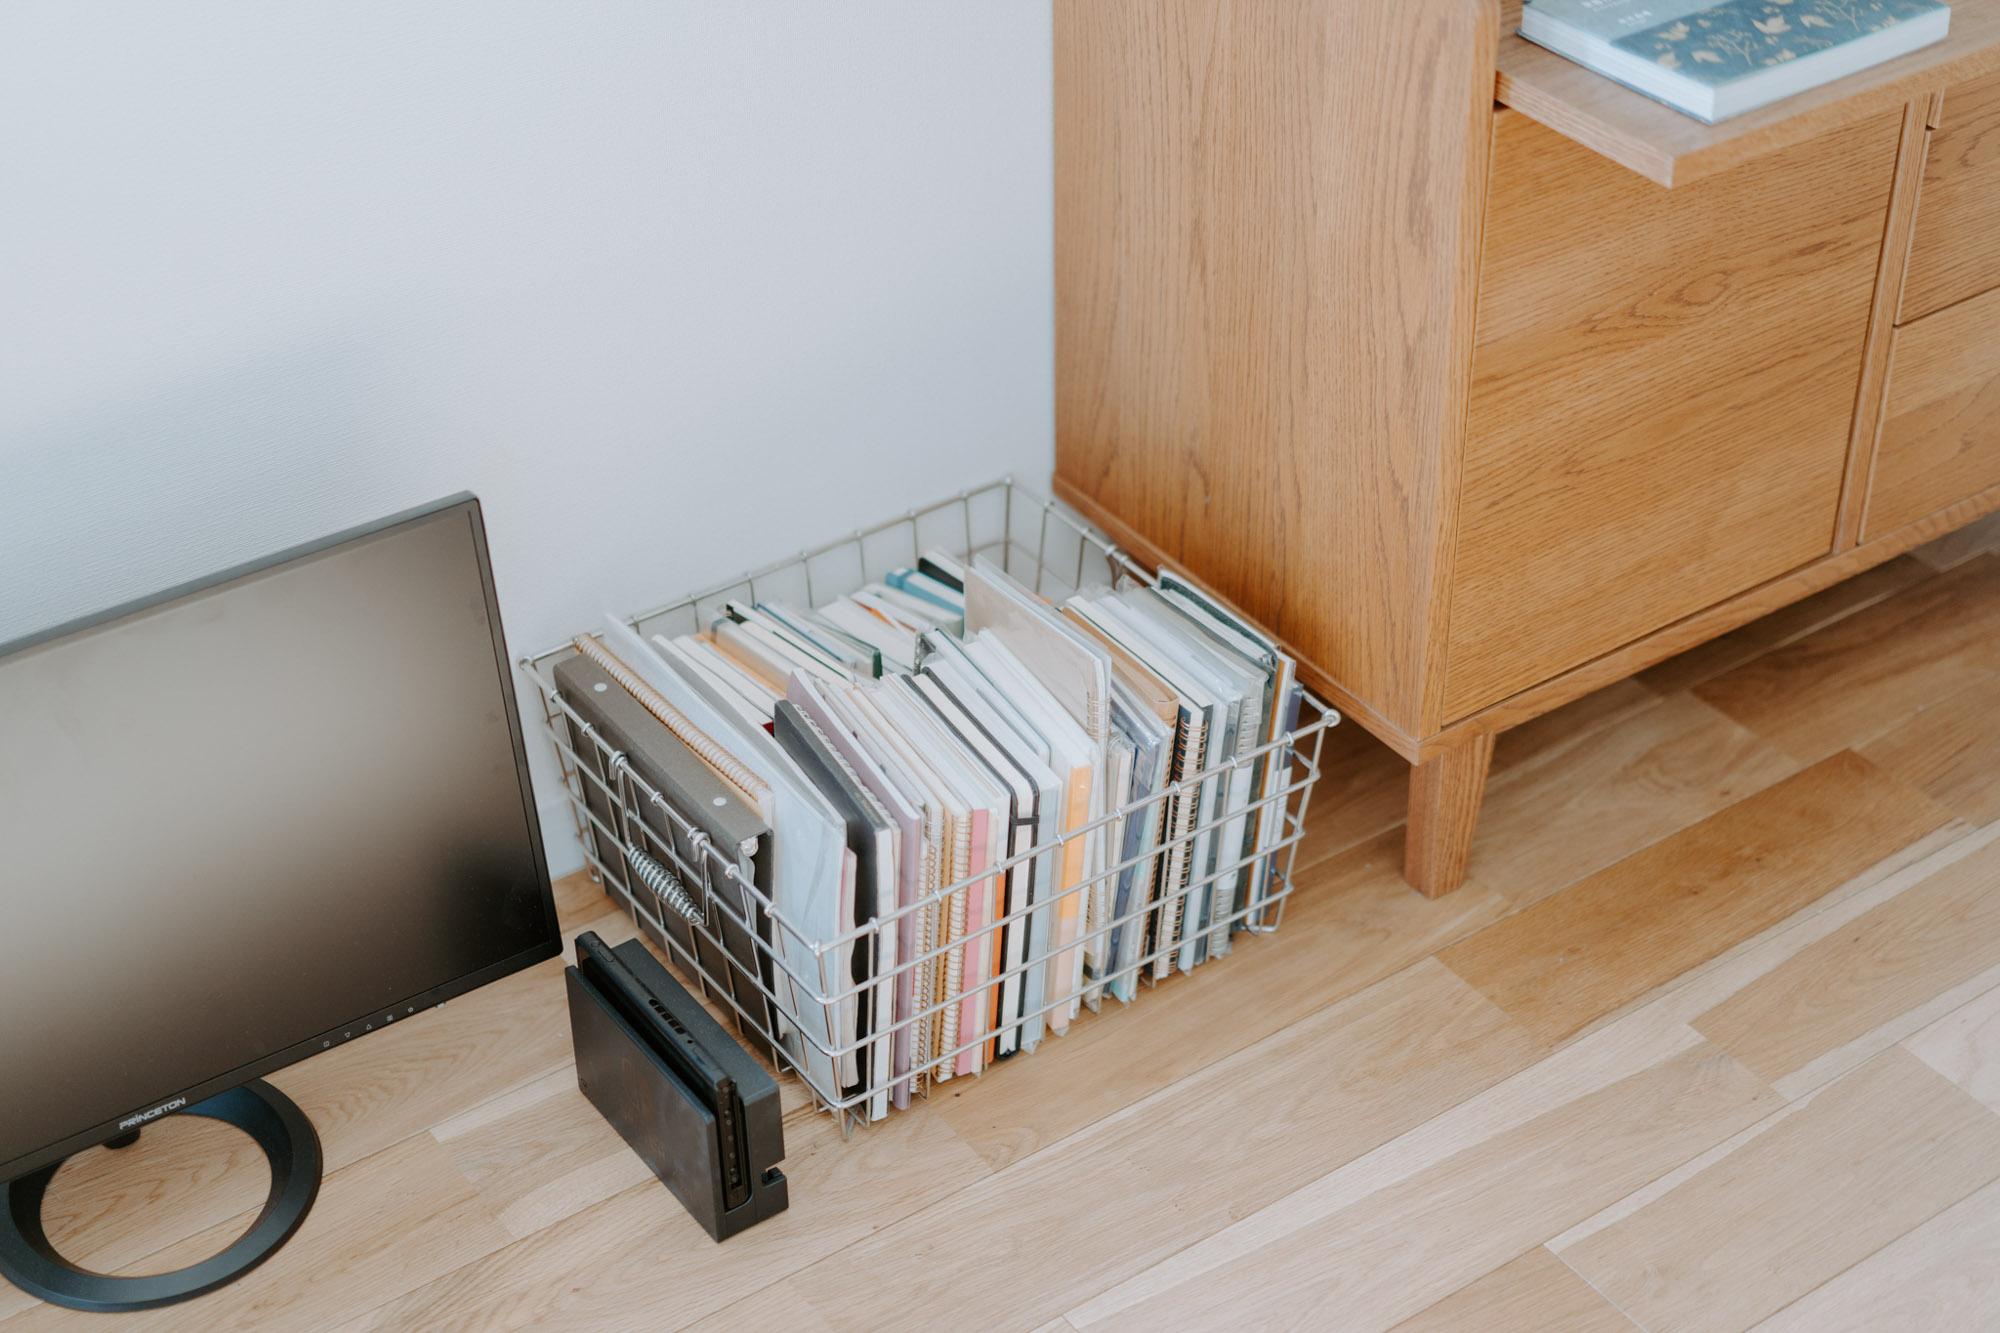 ワンルームで仕事をしていて気になるのが、「リラックスタイムに、仕事道具が目に入るとゆっくりできない」というもの。仕事が終わったらできるだけすぐに、パソコンや手帳、書類などを片づけられる大きめのBOXを用意するといいですね。